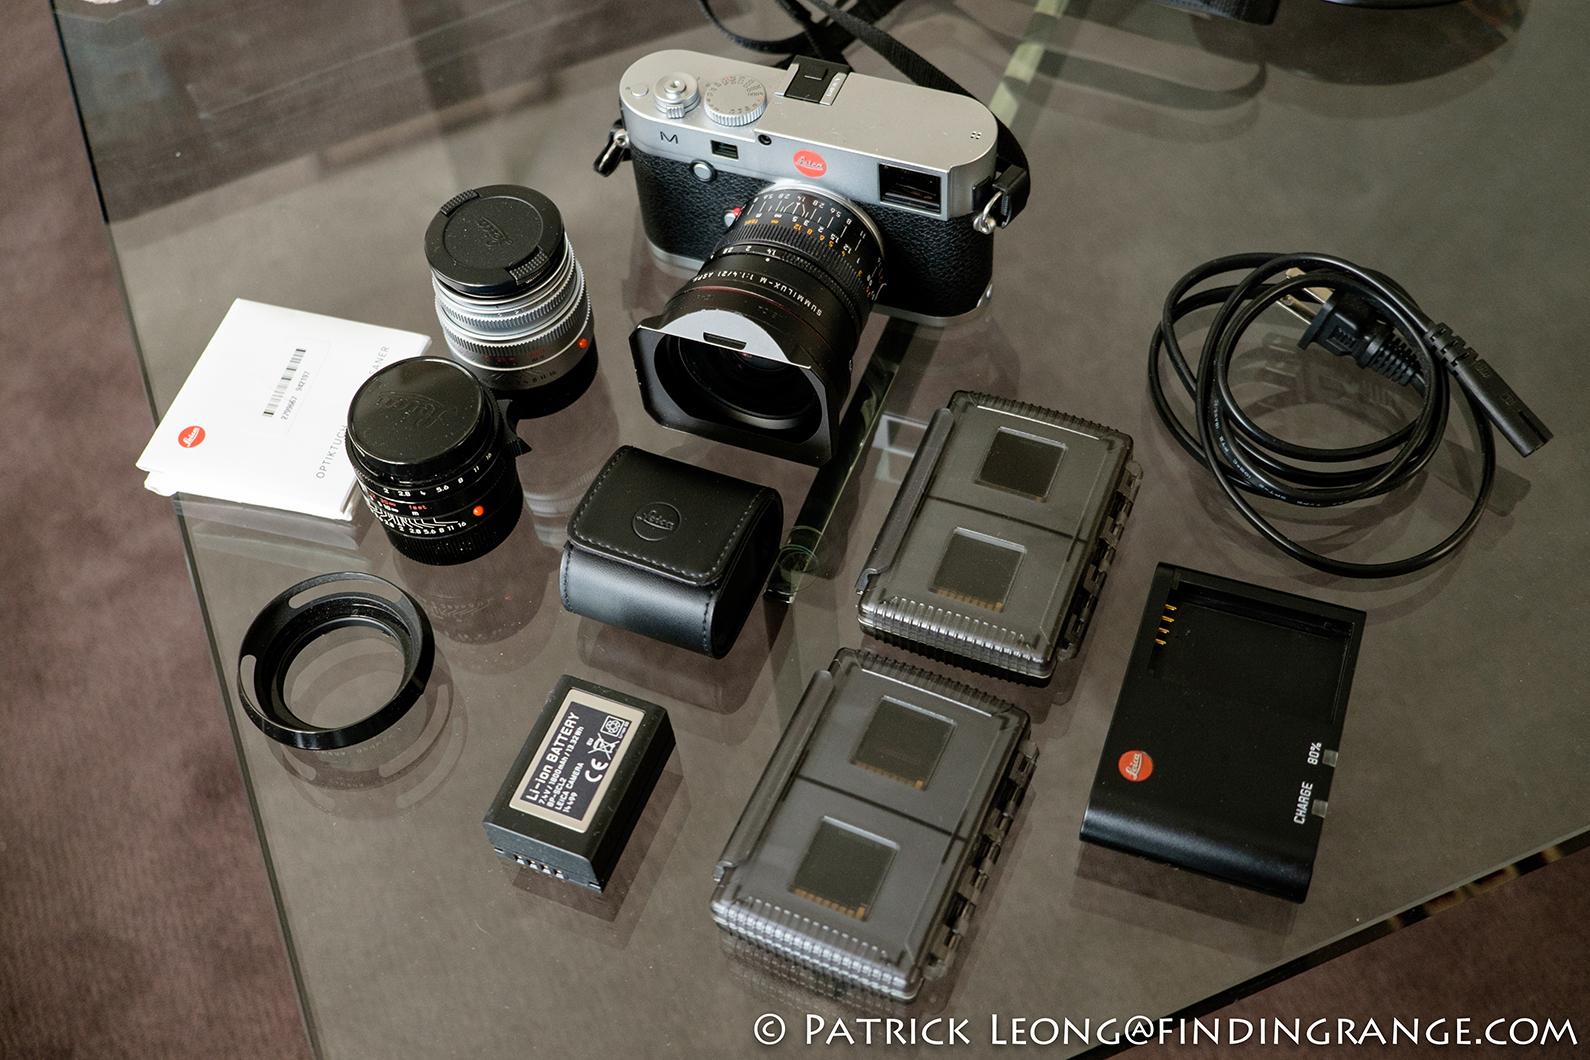 Leica-M-Typ-240-Lenses-Gear